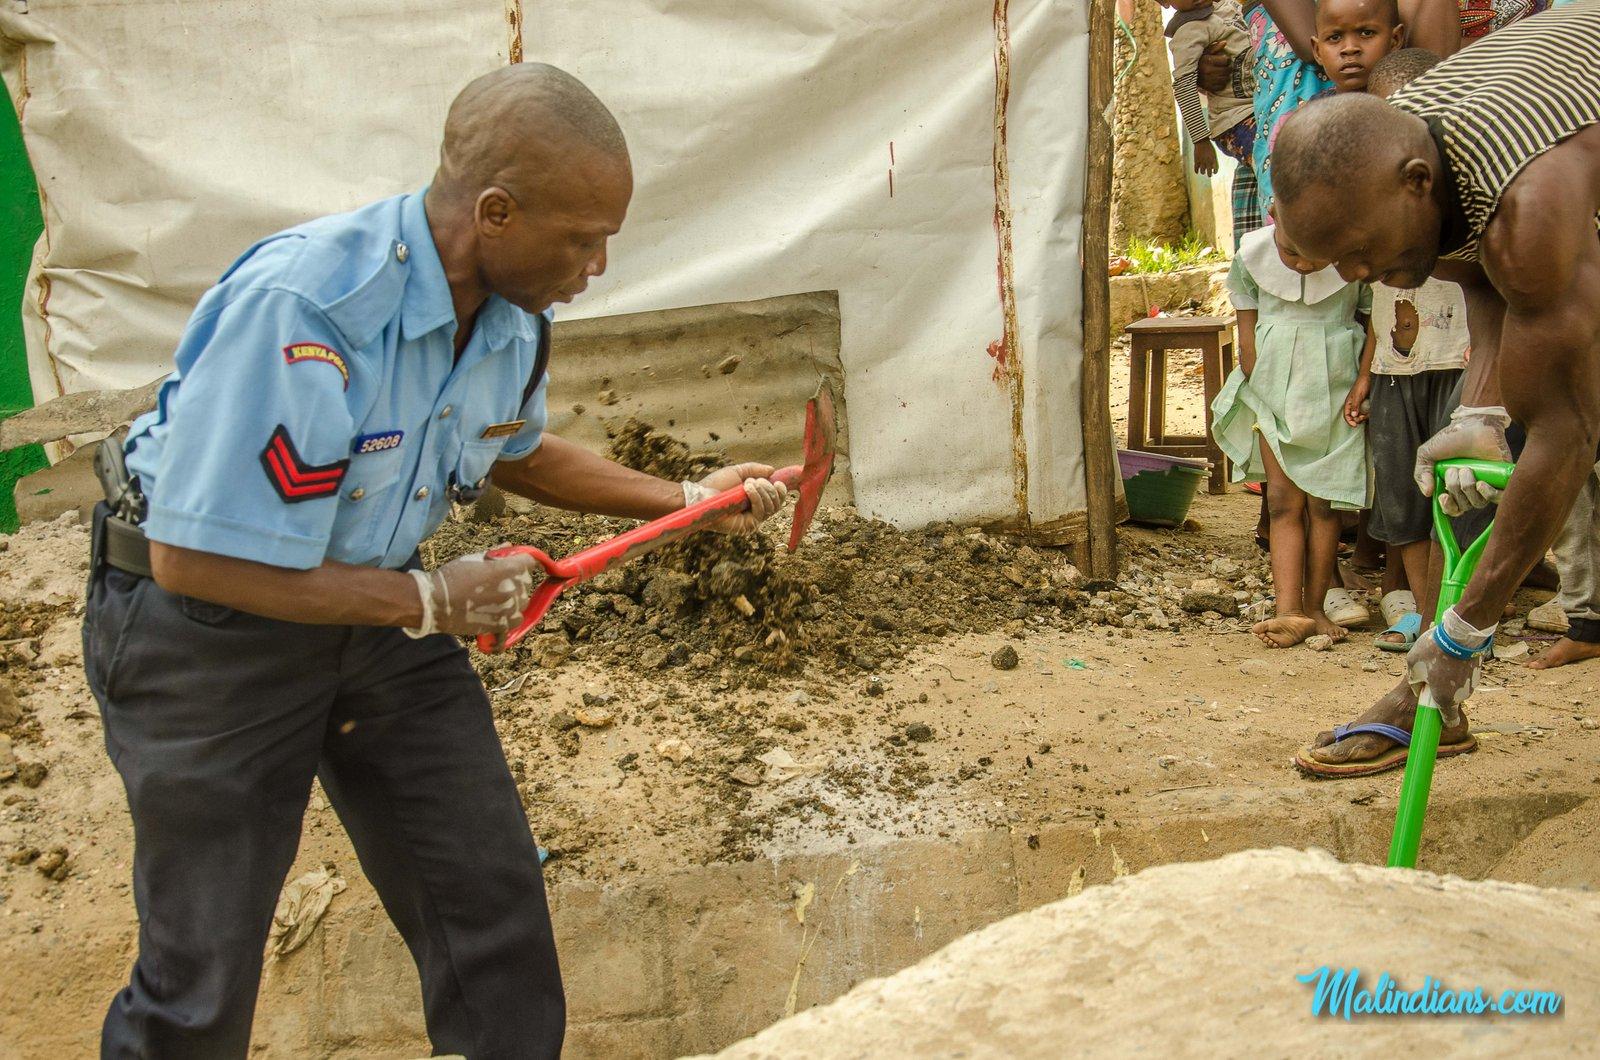 Malindi Town Clean up Kisumu Ndogo 110 - Malindi Town Clean-up in Kisumu Ndogo ( Pictorial)